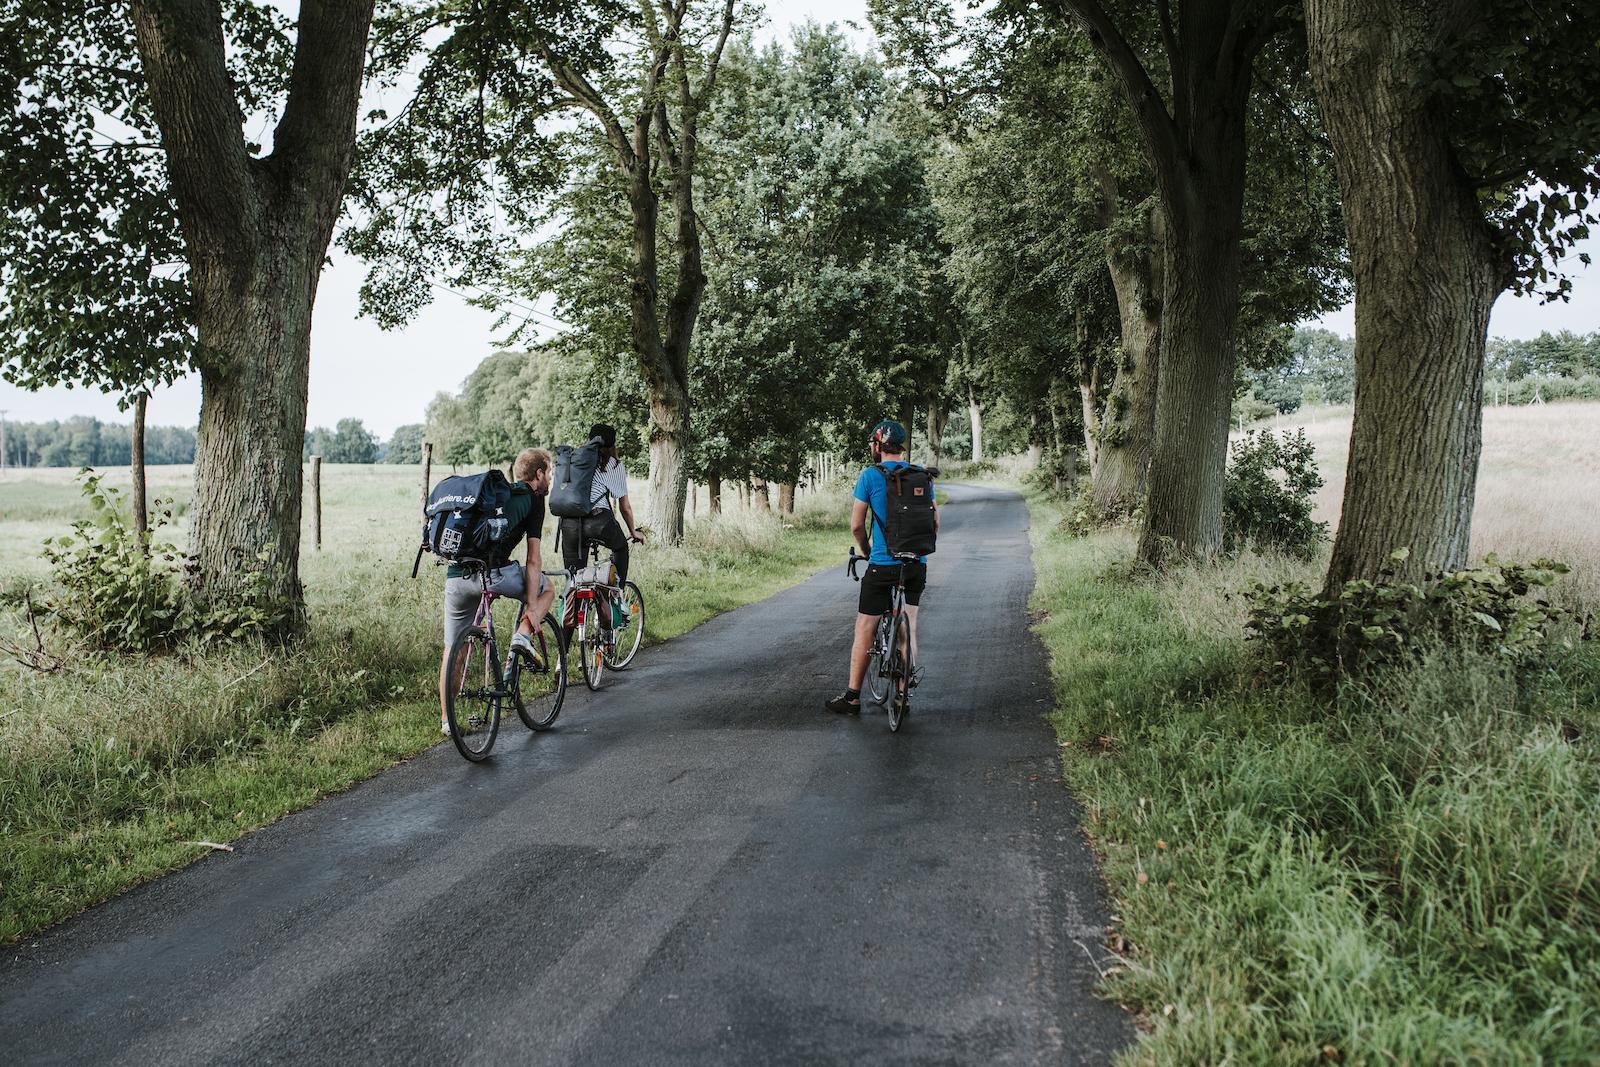 wecyclebrandenburg_(c)Madlen_Krippendorf_gutboltenhof2.jpg